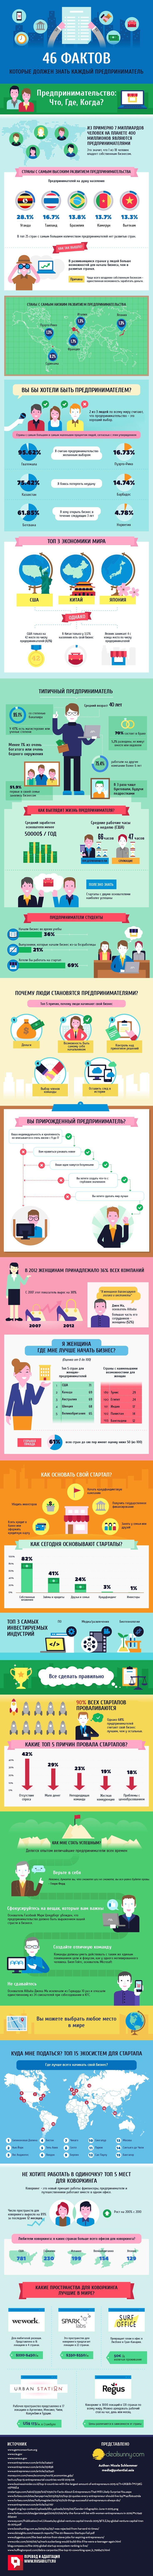 Факты которые должен знать каждый предприниматель